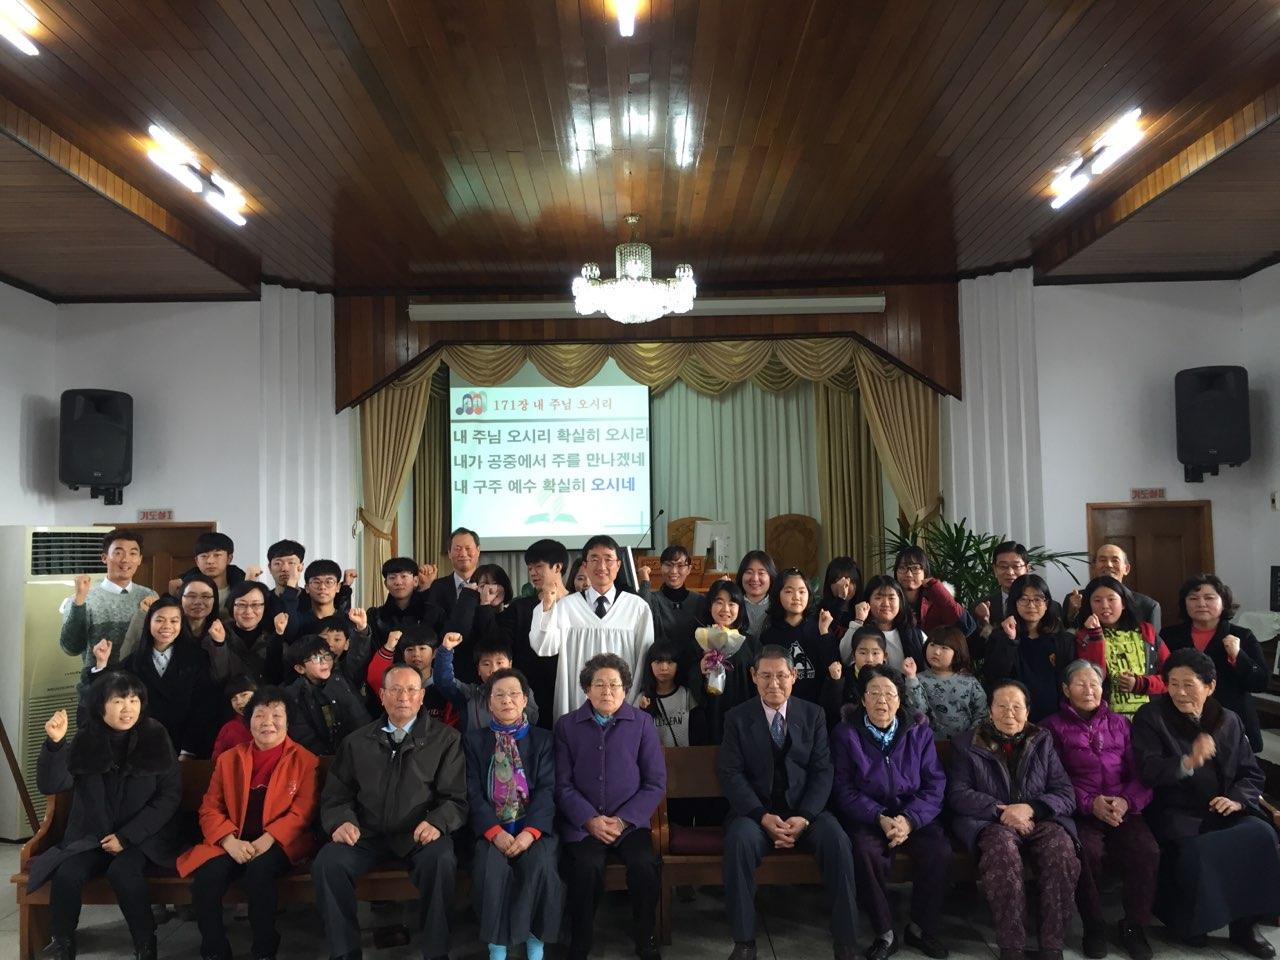 성산교회 전도회.jpg